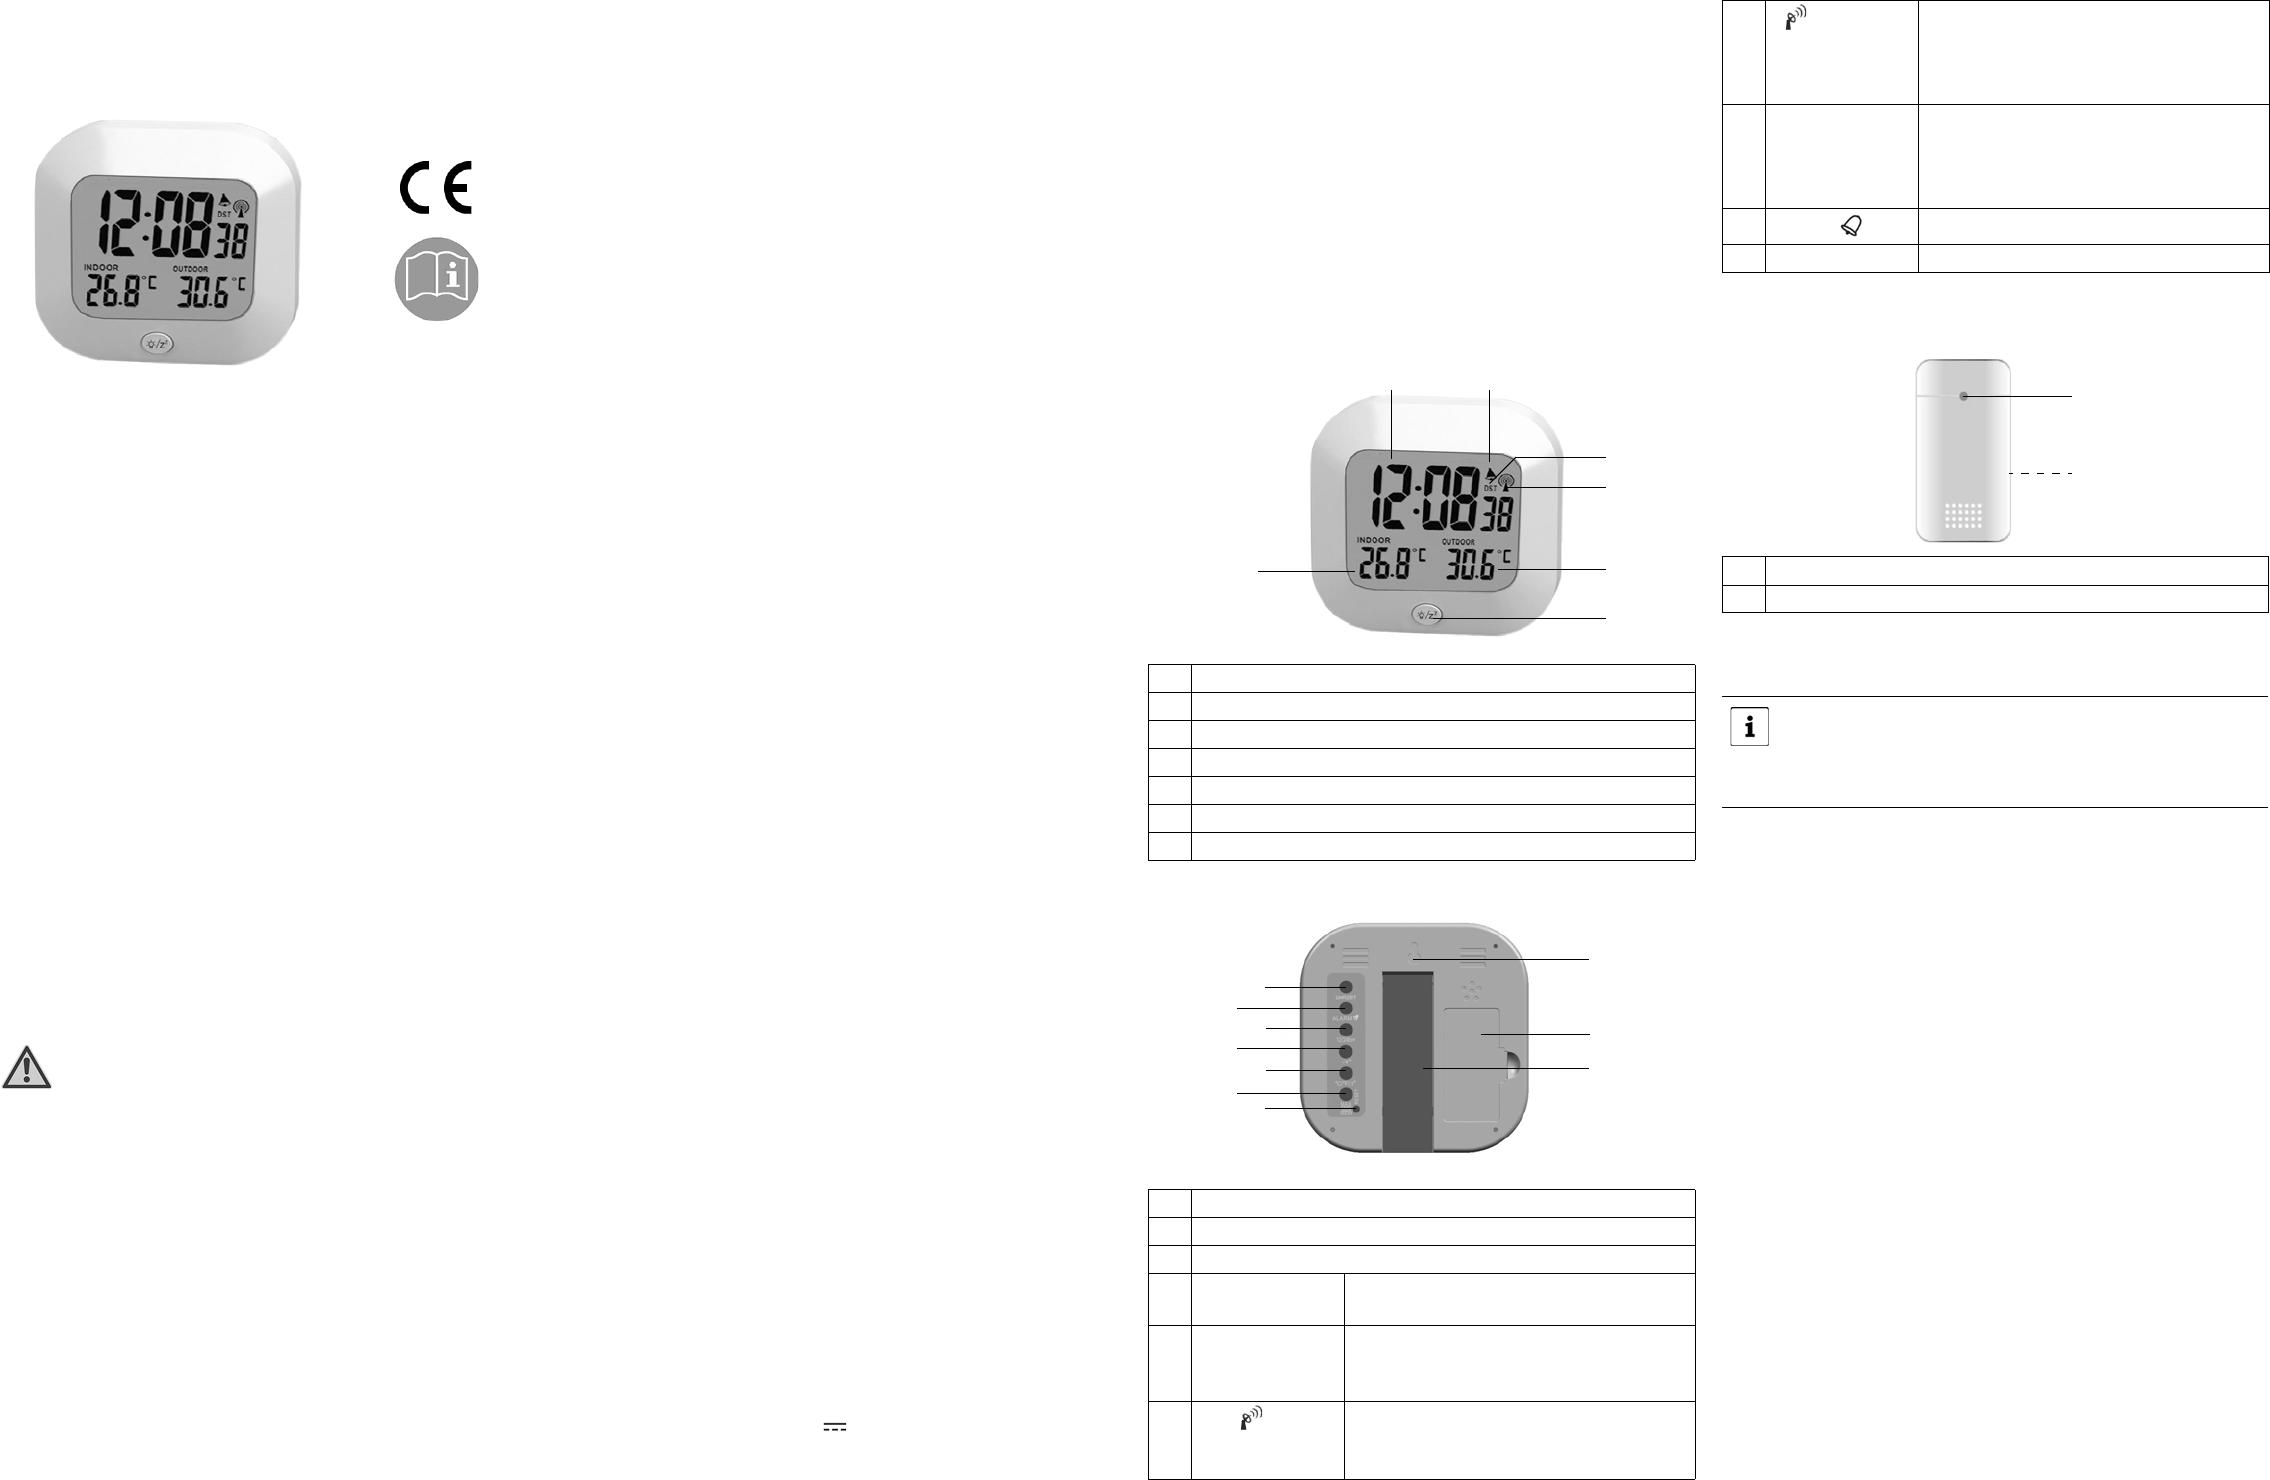 Bedienungsanleitung GlobalTronics GT-TS-04 - SKL-W1B (Seite 1 von 4 ...